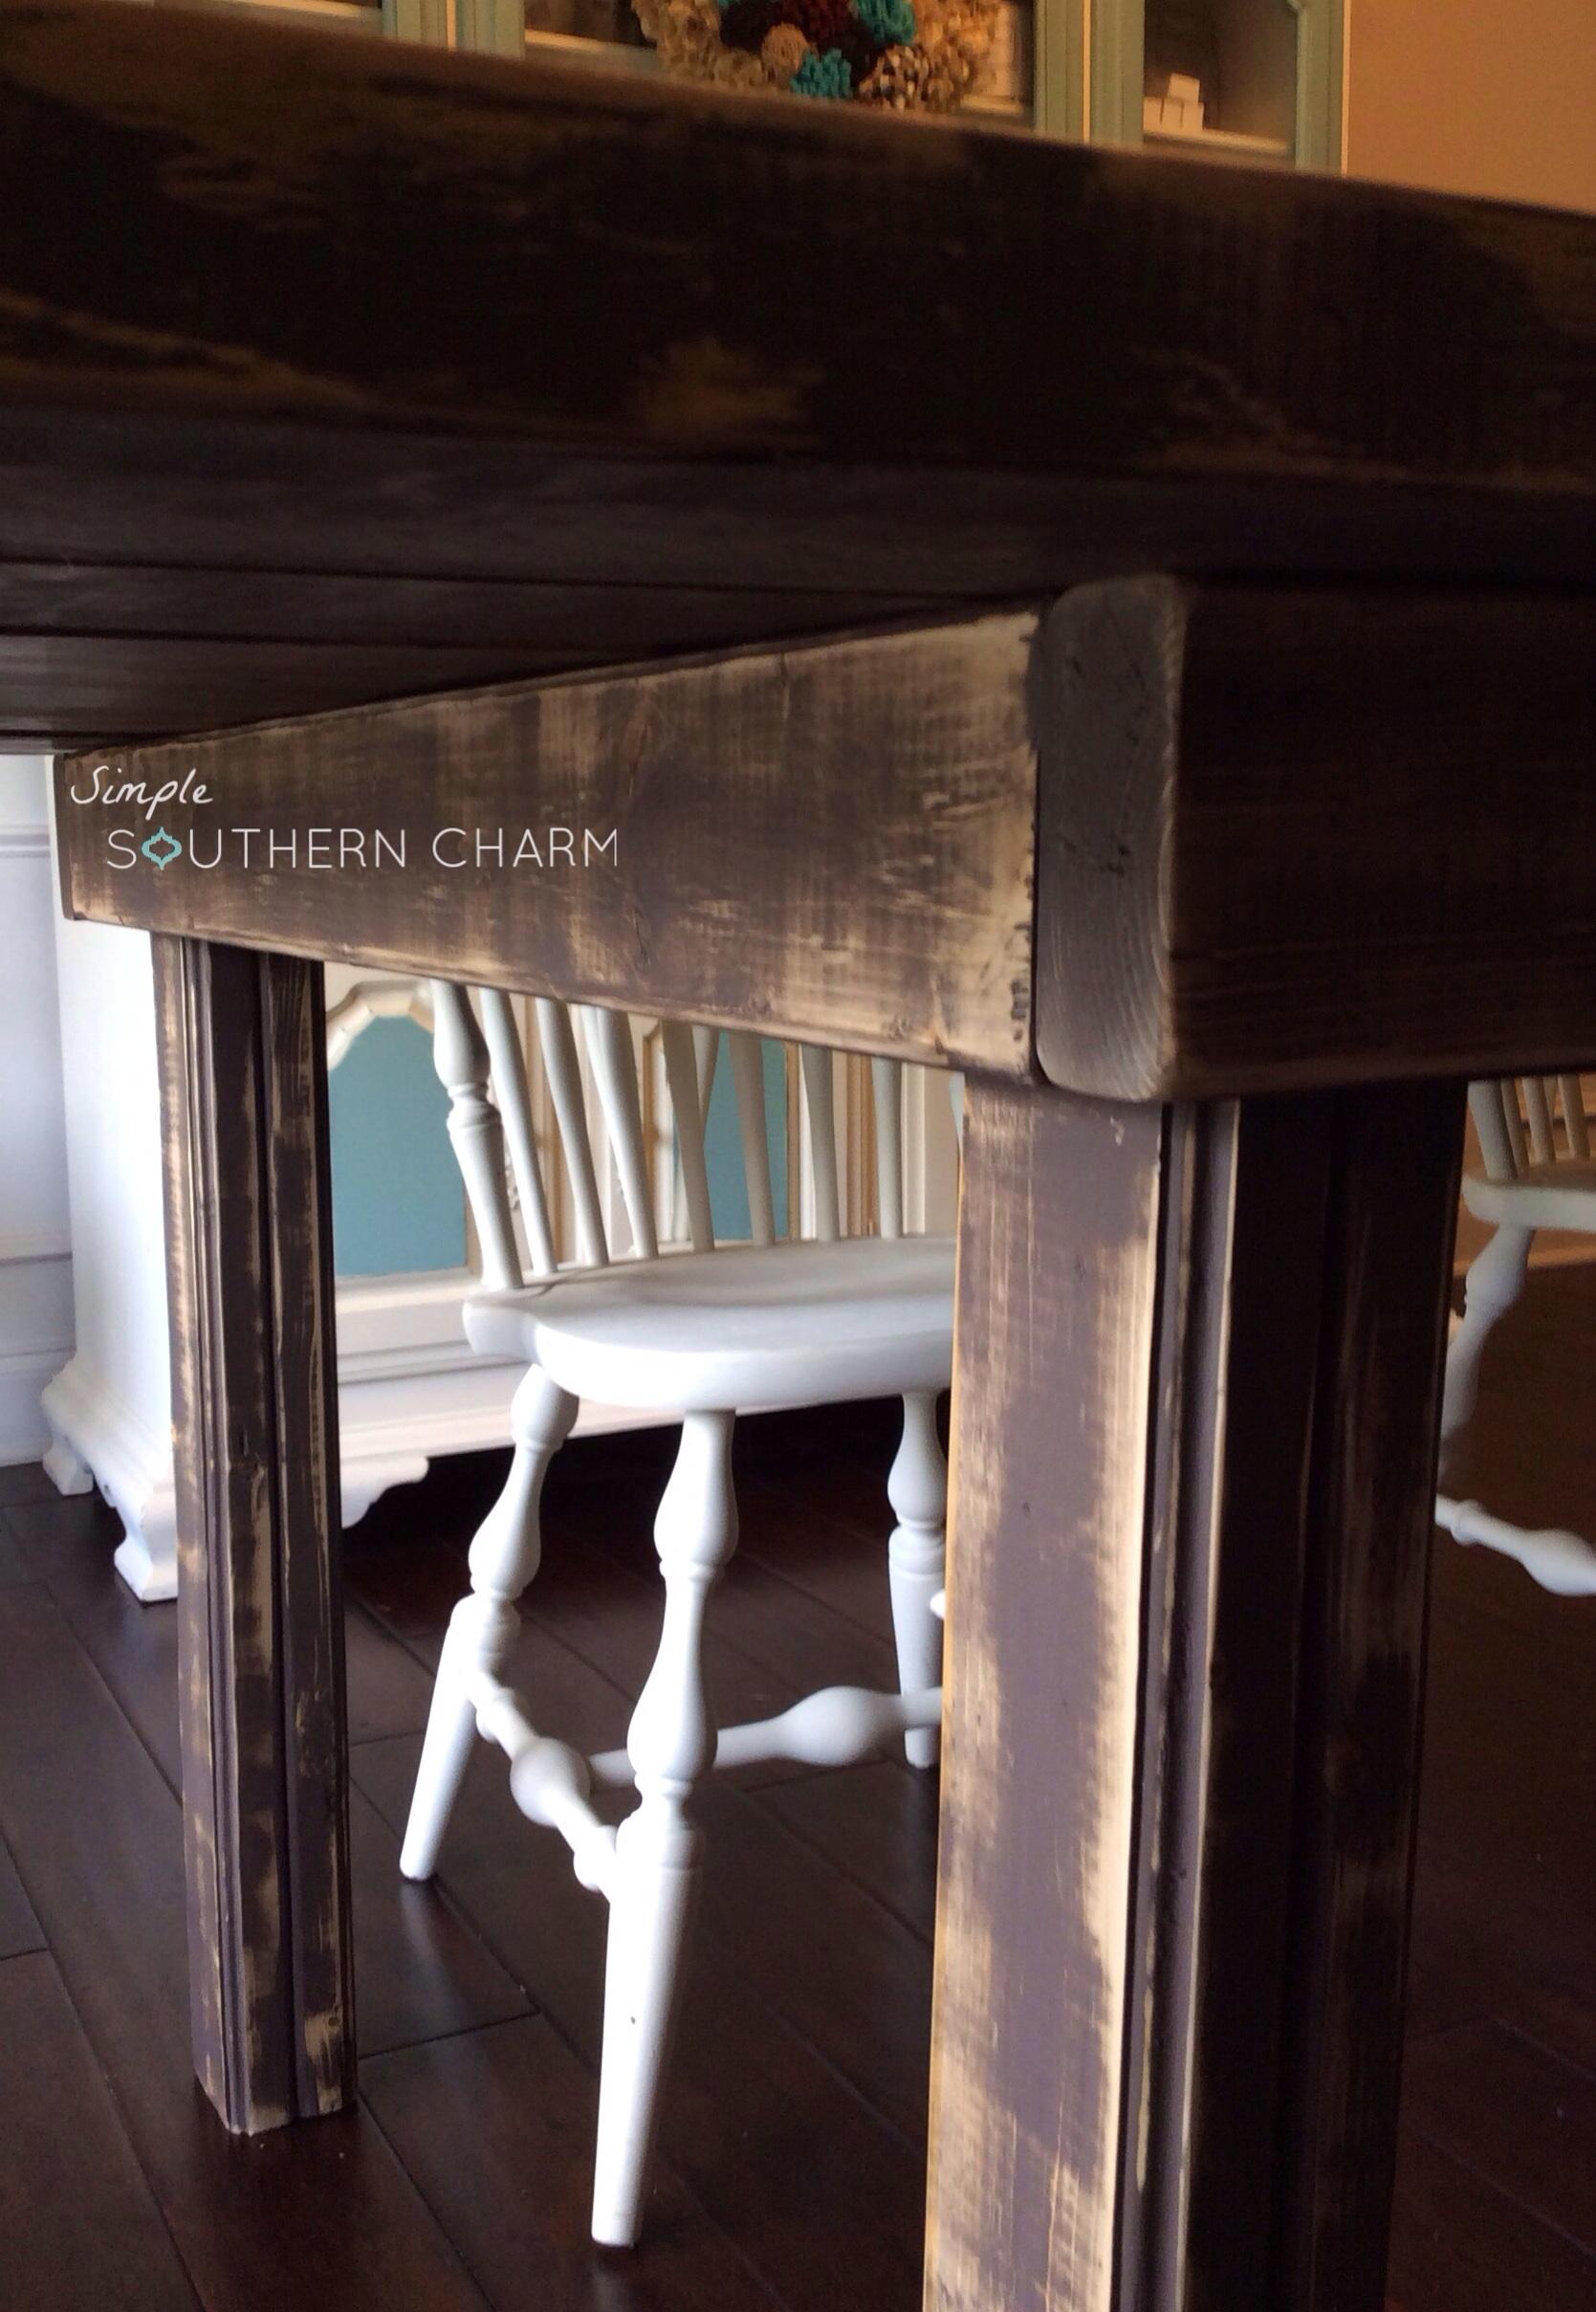 2x4 Farmhouse Table Simple Southern Charm